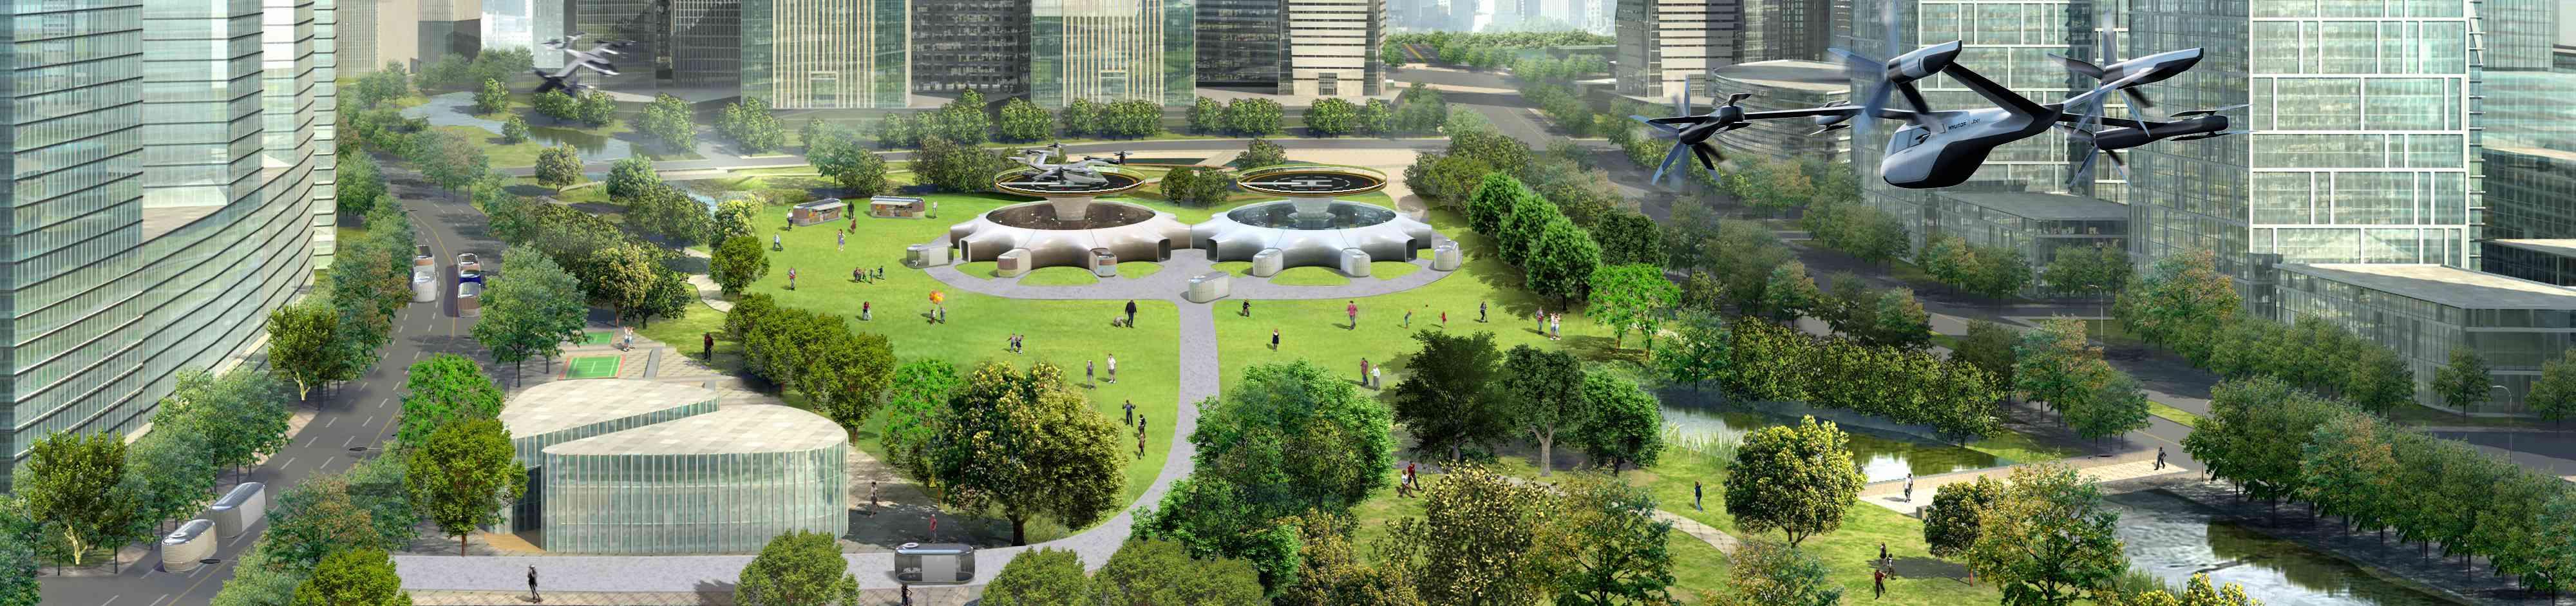 hubs in parks